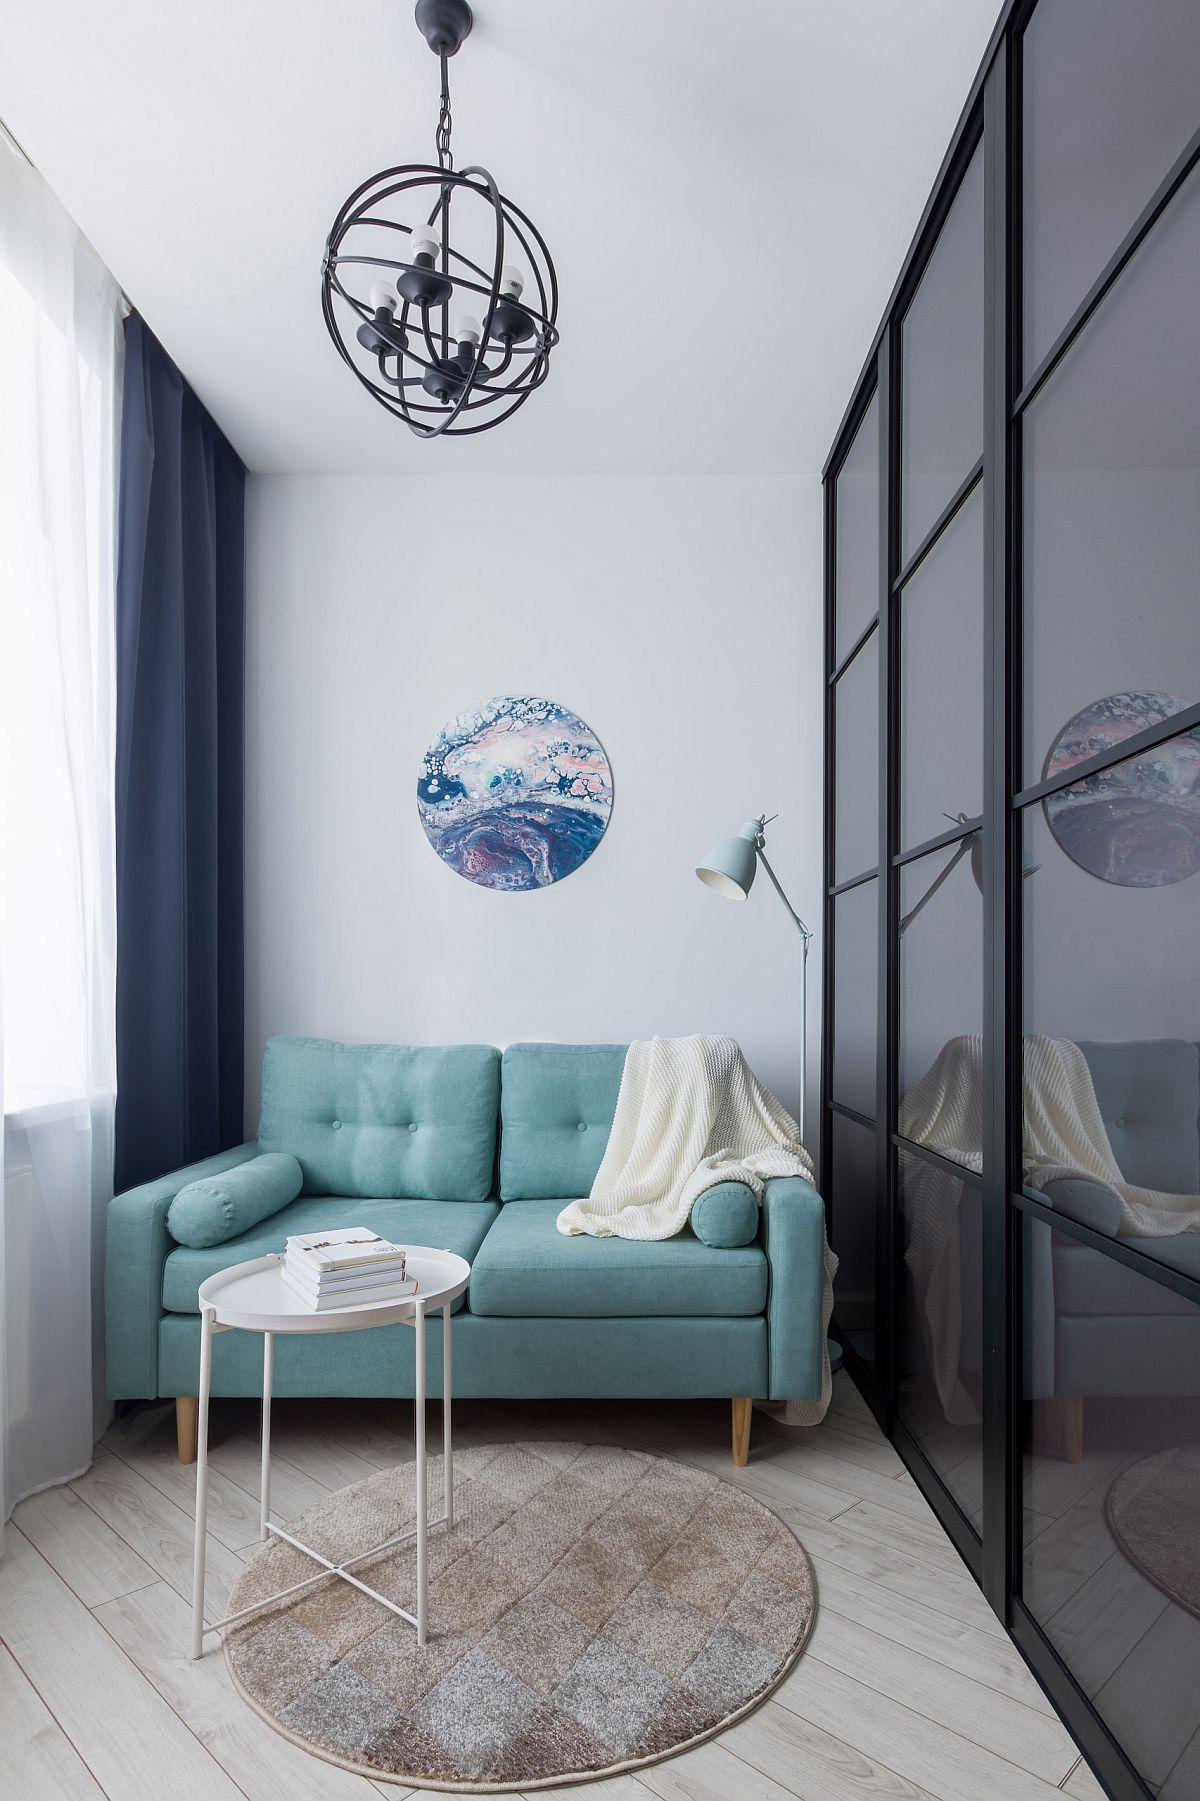 Phòng khách nhỏ với diện tích khá khiêm tốn nhưng vẫn vô cùng xinh xắn và đủ đầy khi được đặt sofa nhỏ gọn với màu xanh ngọc lam trẻ trung, bắt mắt